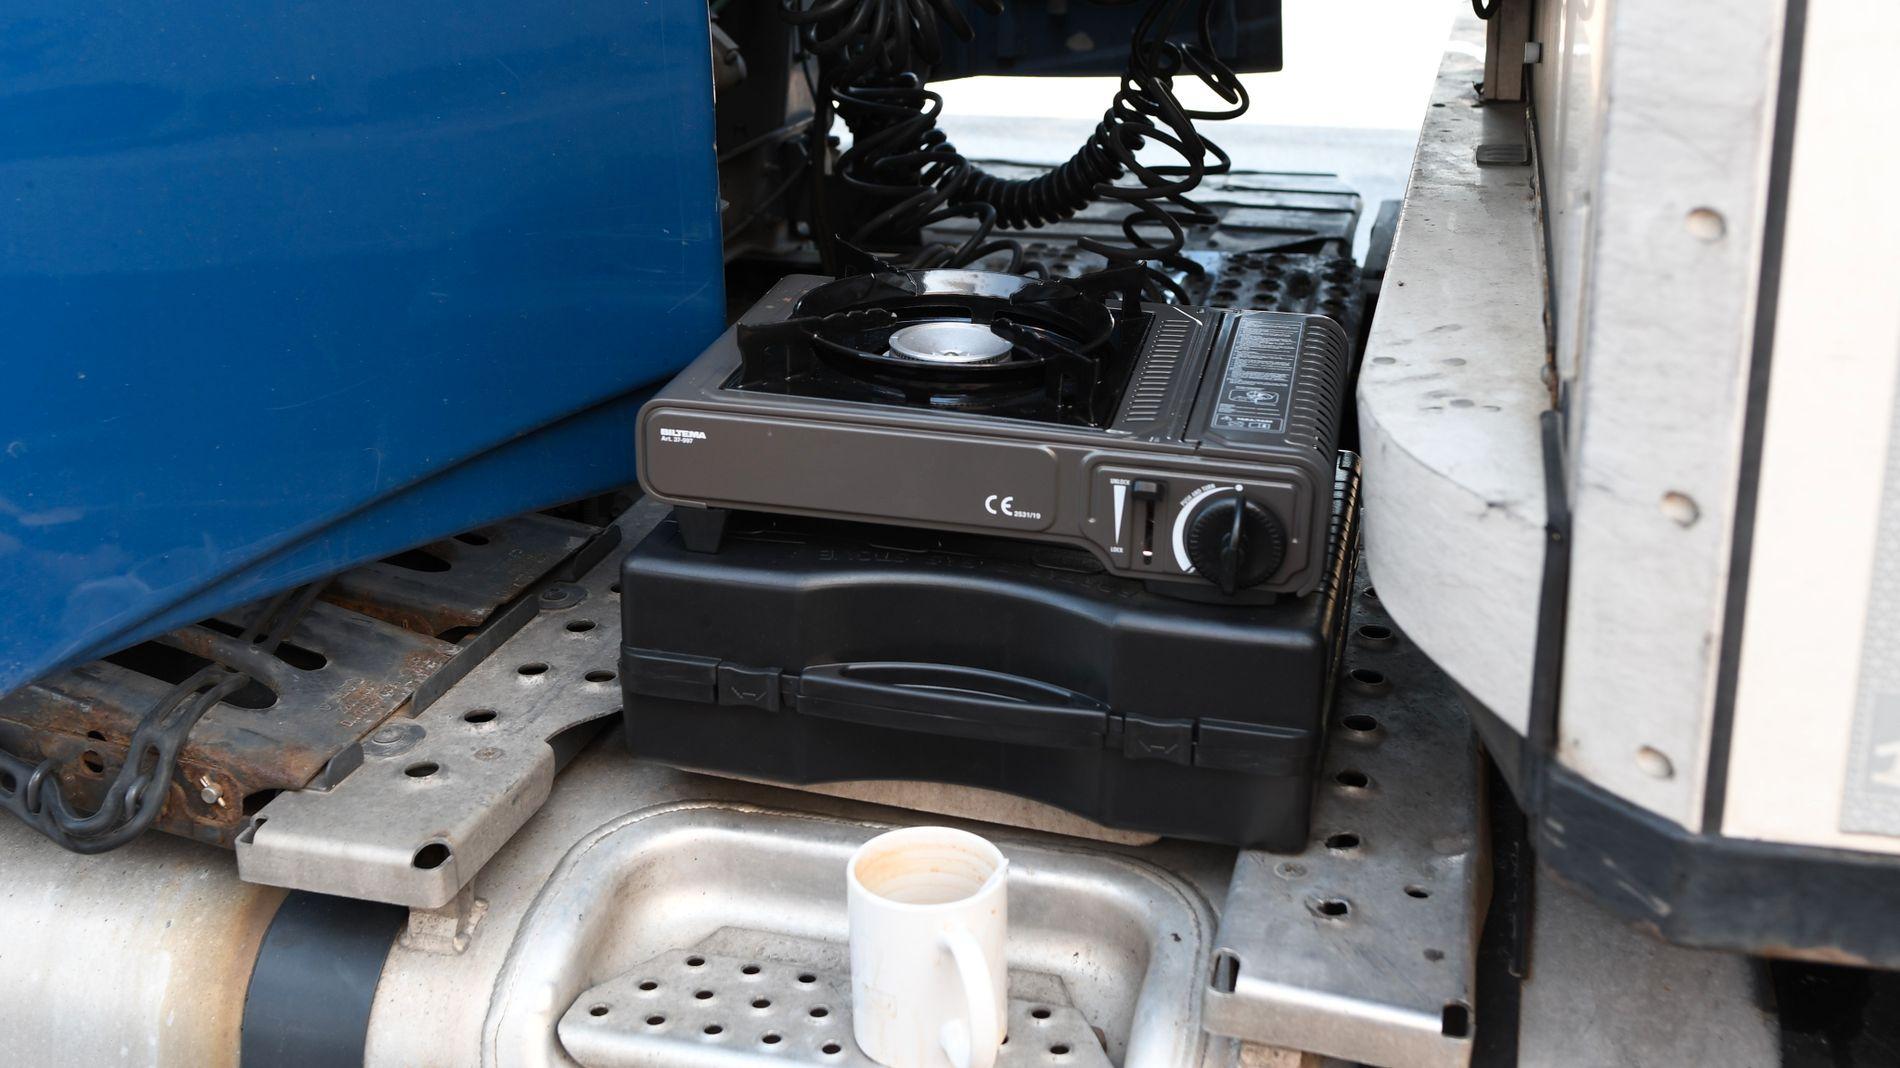 På en liten gassbrenner kokes det både middag og vann til kaffen.